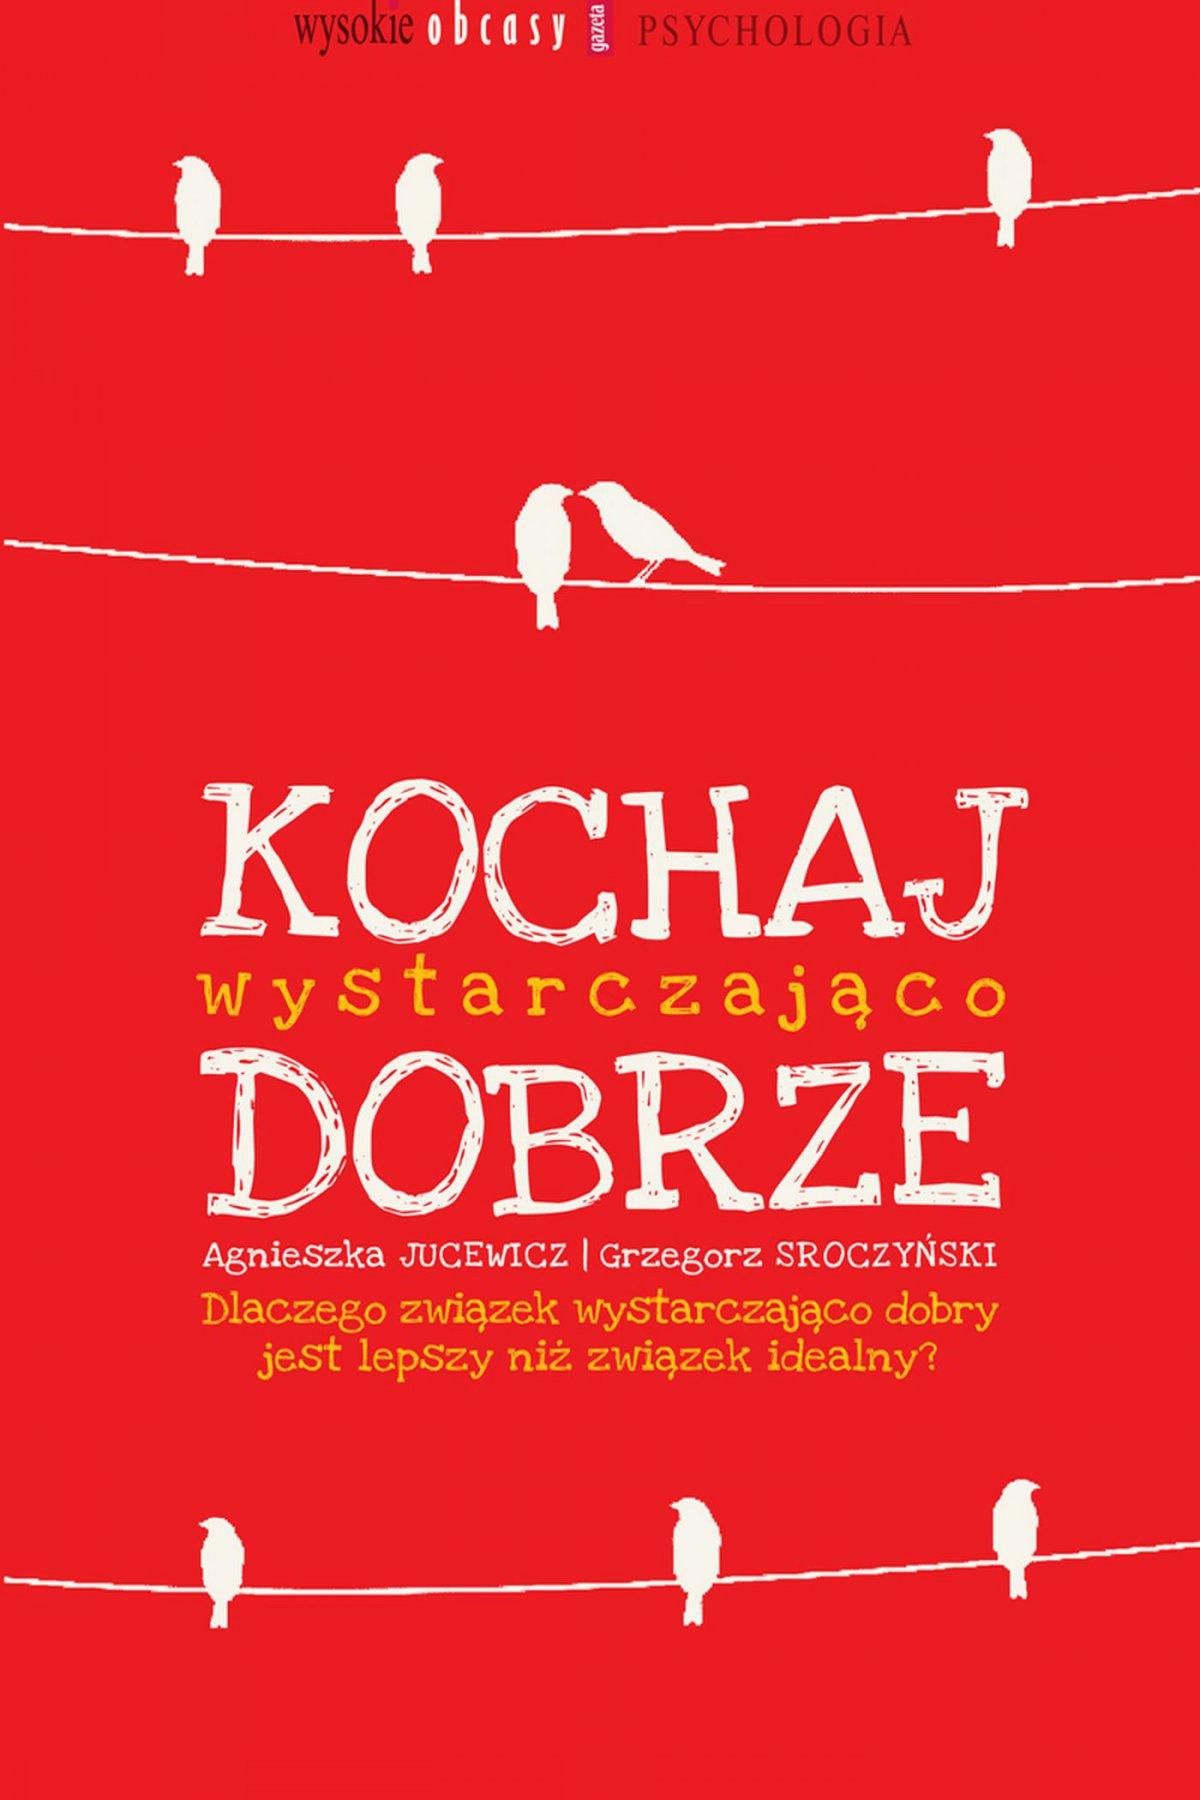 Kochaj wystarczająco dobrze - Ebook (Książka na Kindle) do pobrania w formacie MOBI